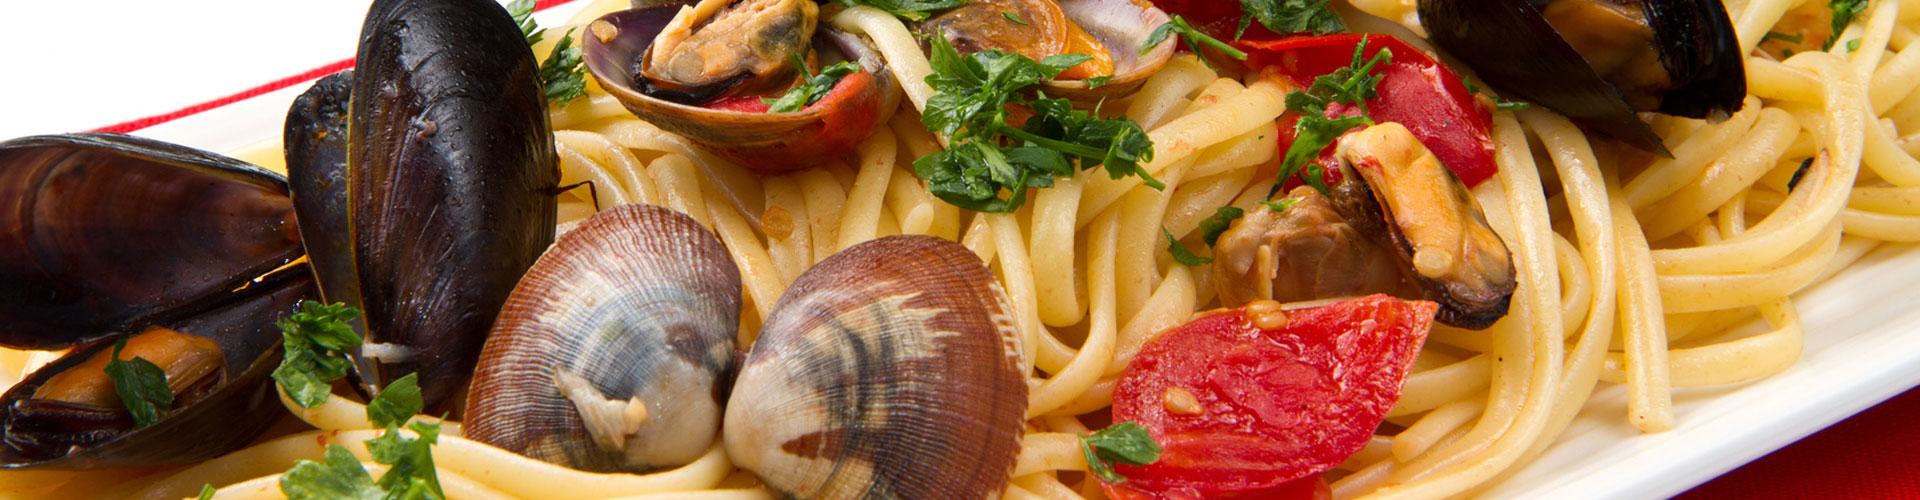 slider-ristorante-pesce-legnano-pasta-alle-vongole